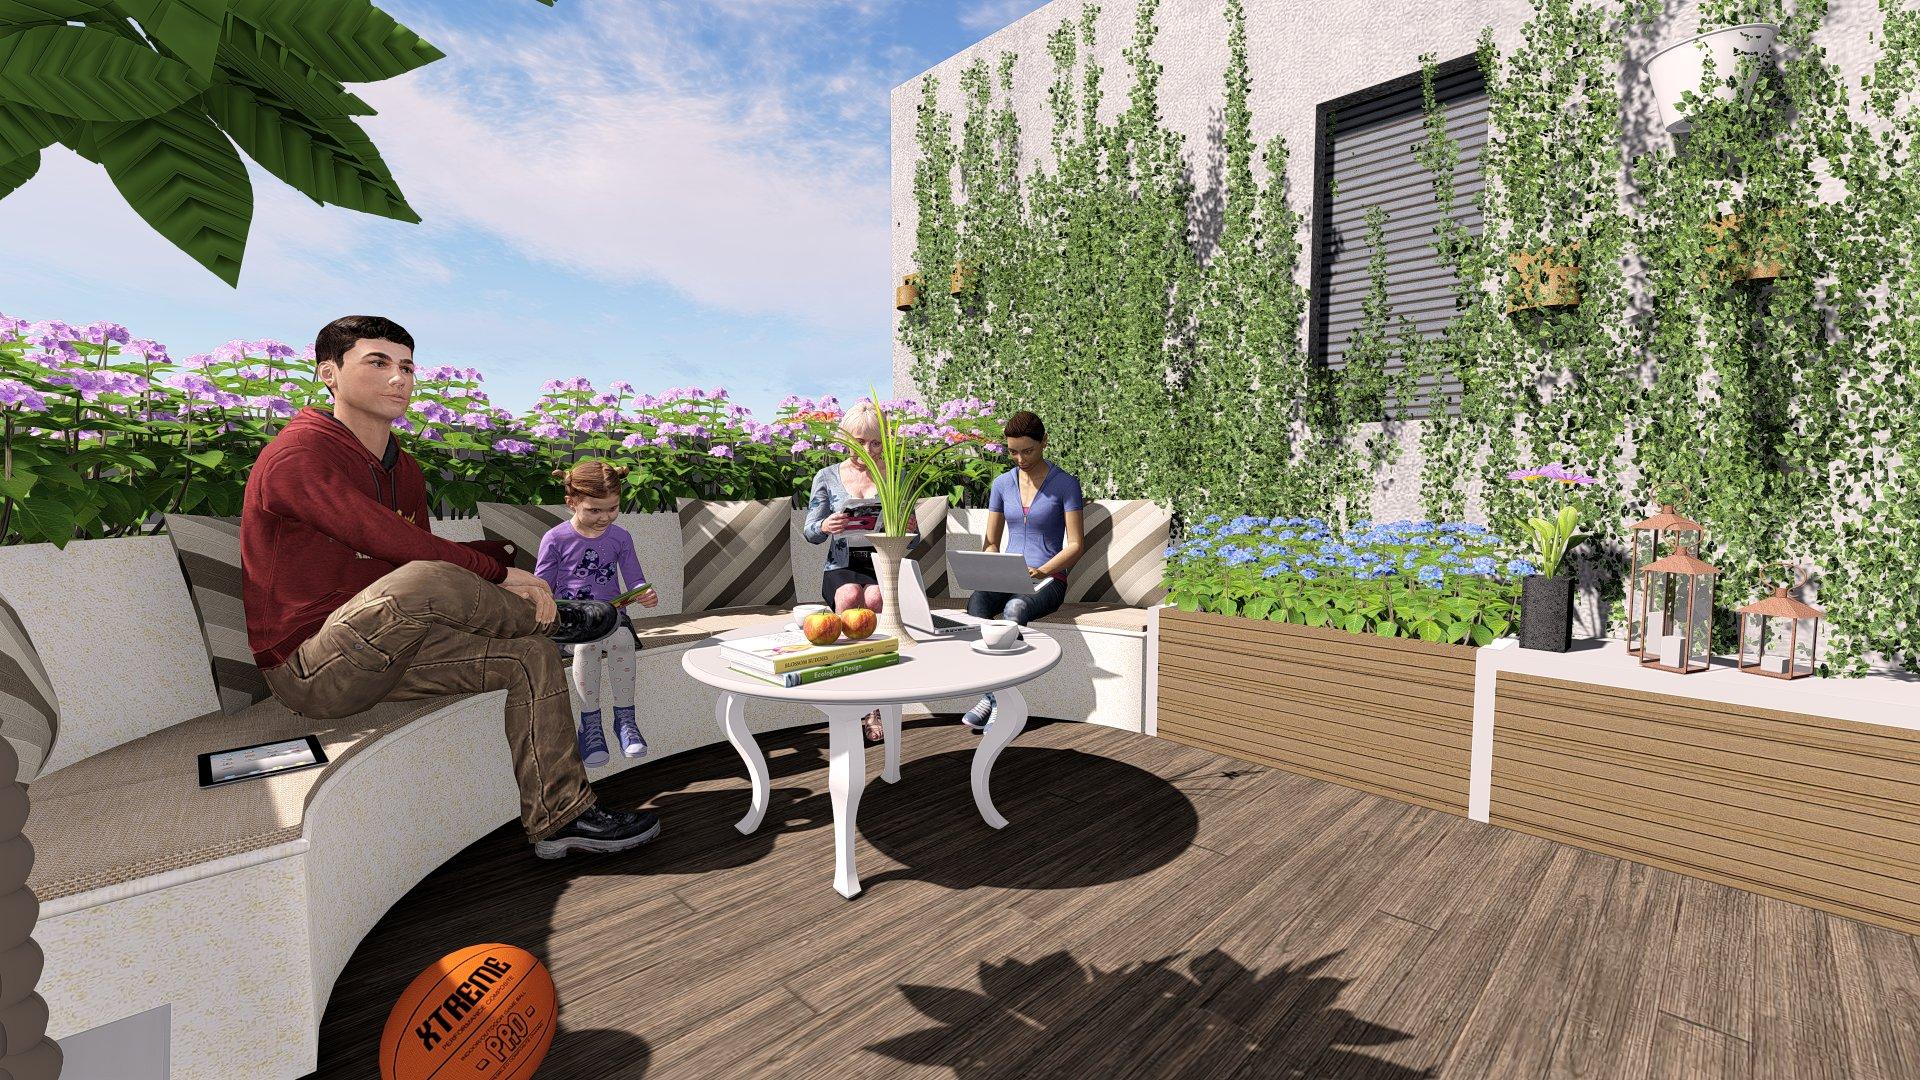 園林軟裝--浙江嘉興上置香島花園疊墅上疊的空中花園設計效果圖